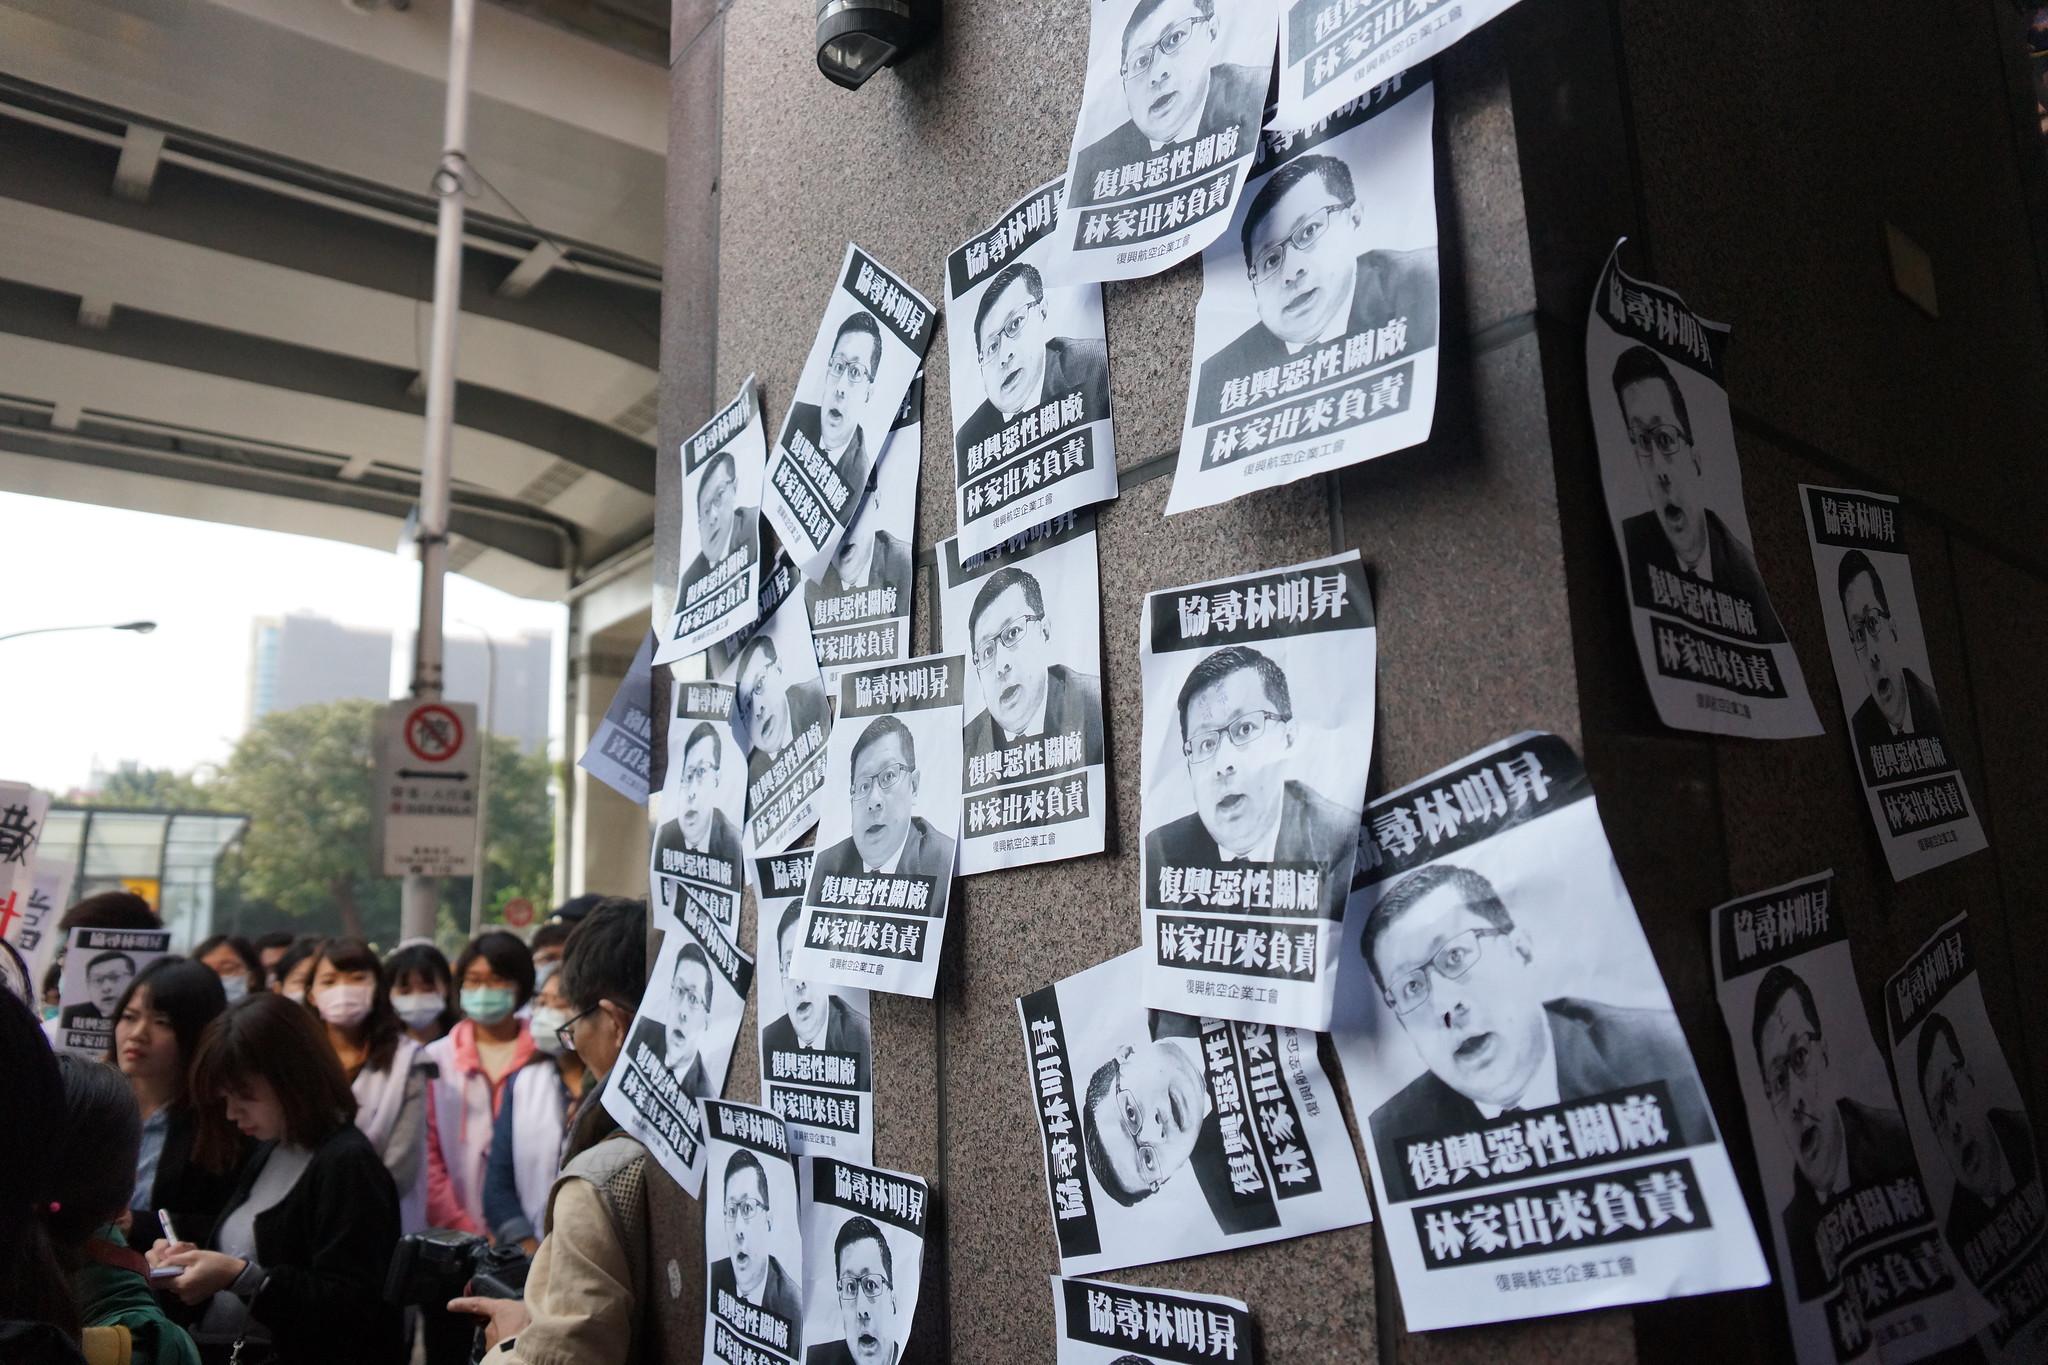 工會最後將「林家出來負責」的協尋單張貼在國產實業大樓外。(攝影:王顥中)